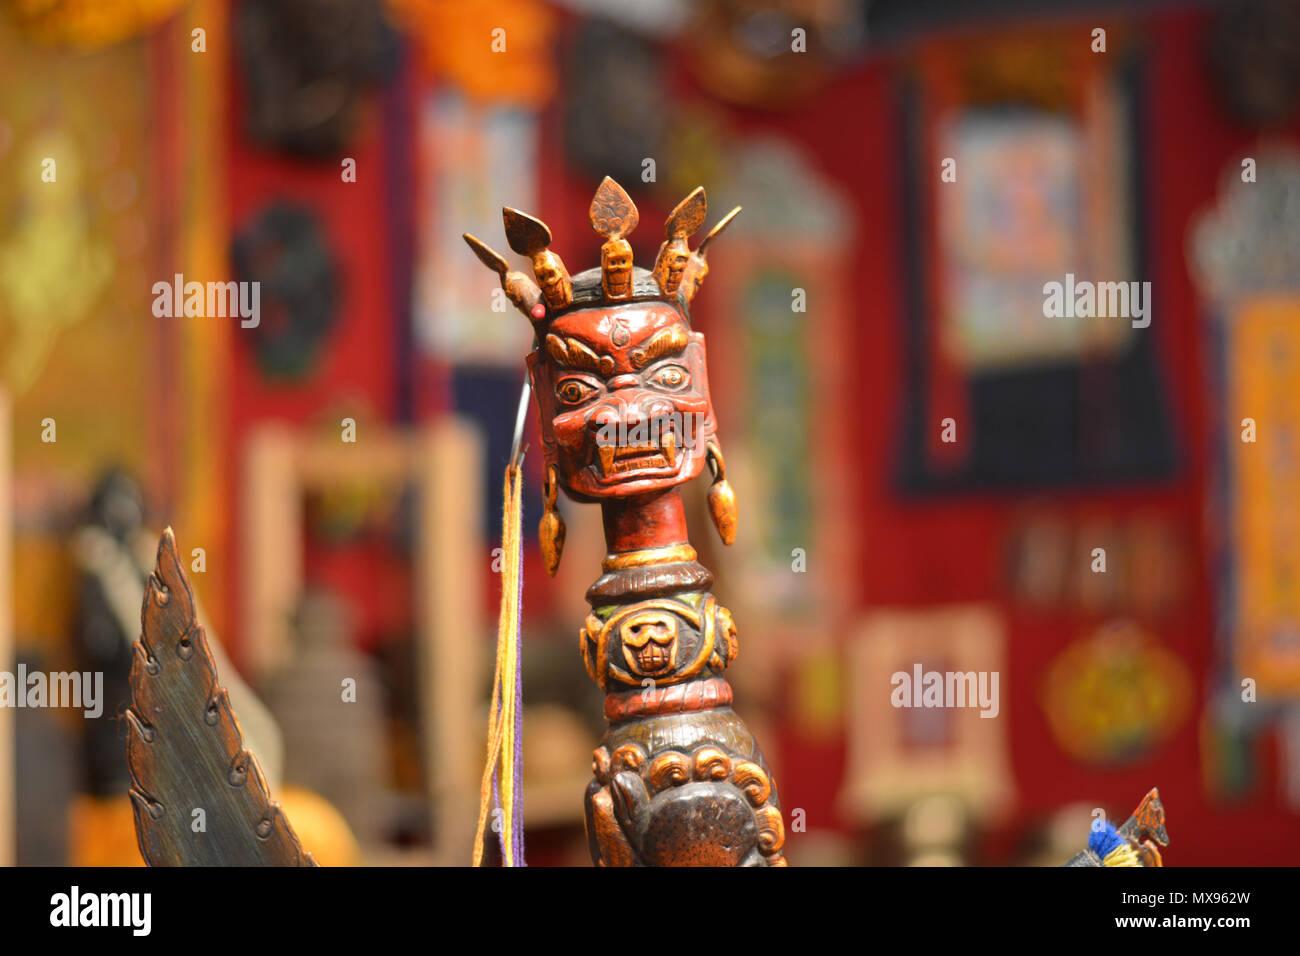 Hindu deities - Stock Image